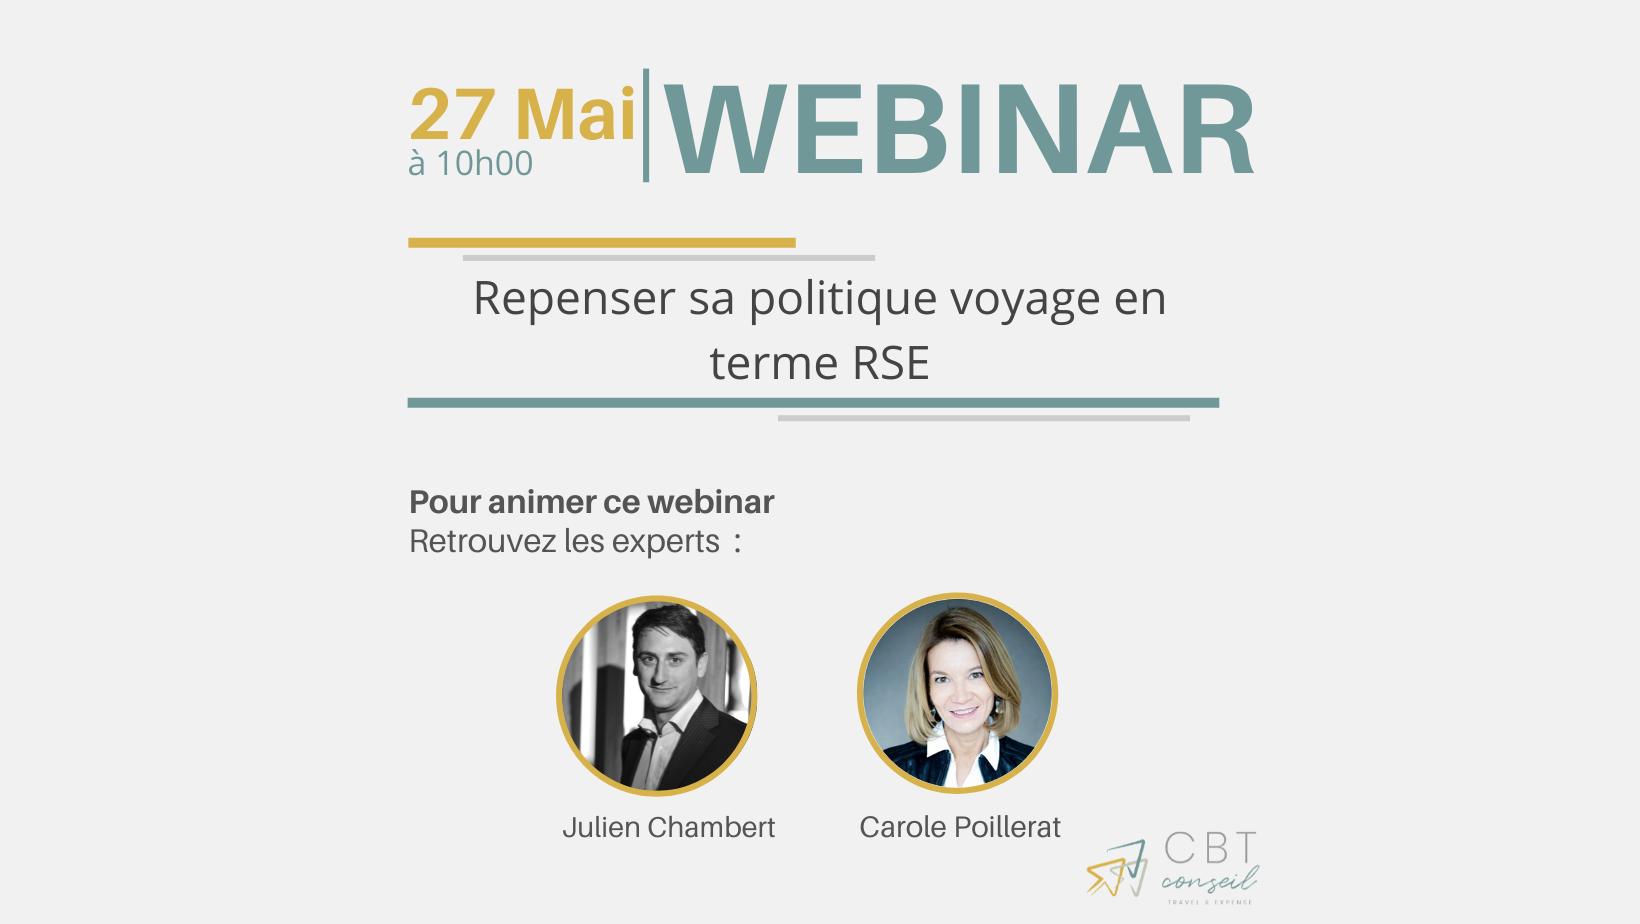 Webinar Comsense x CBT Conseil